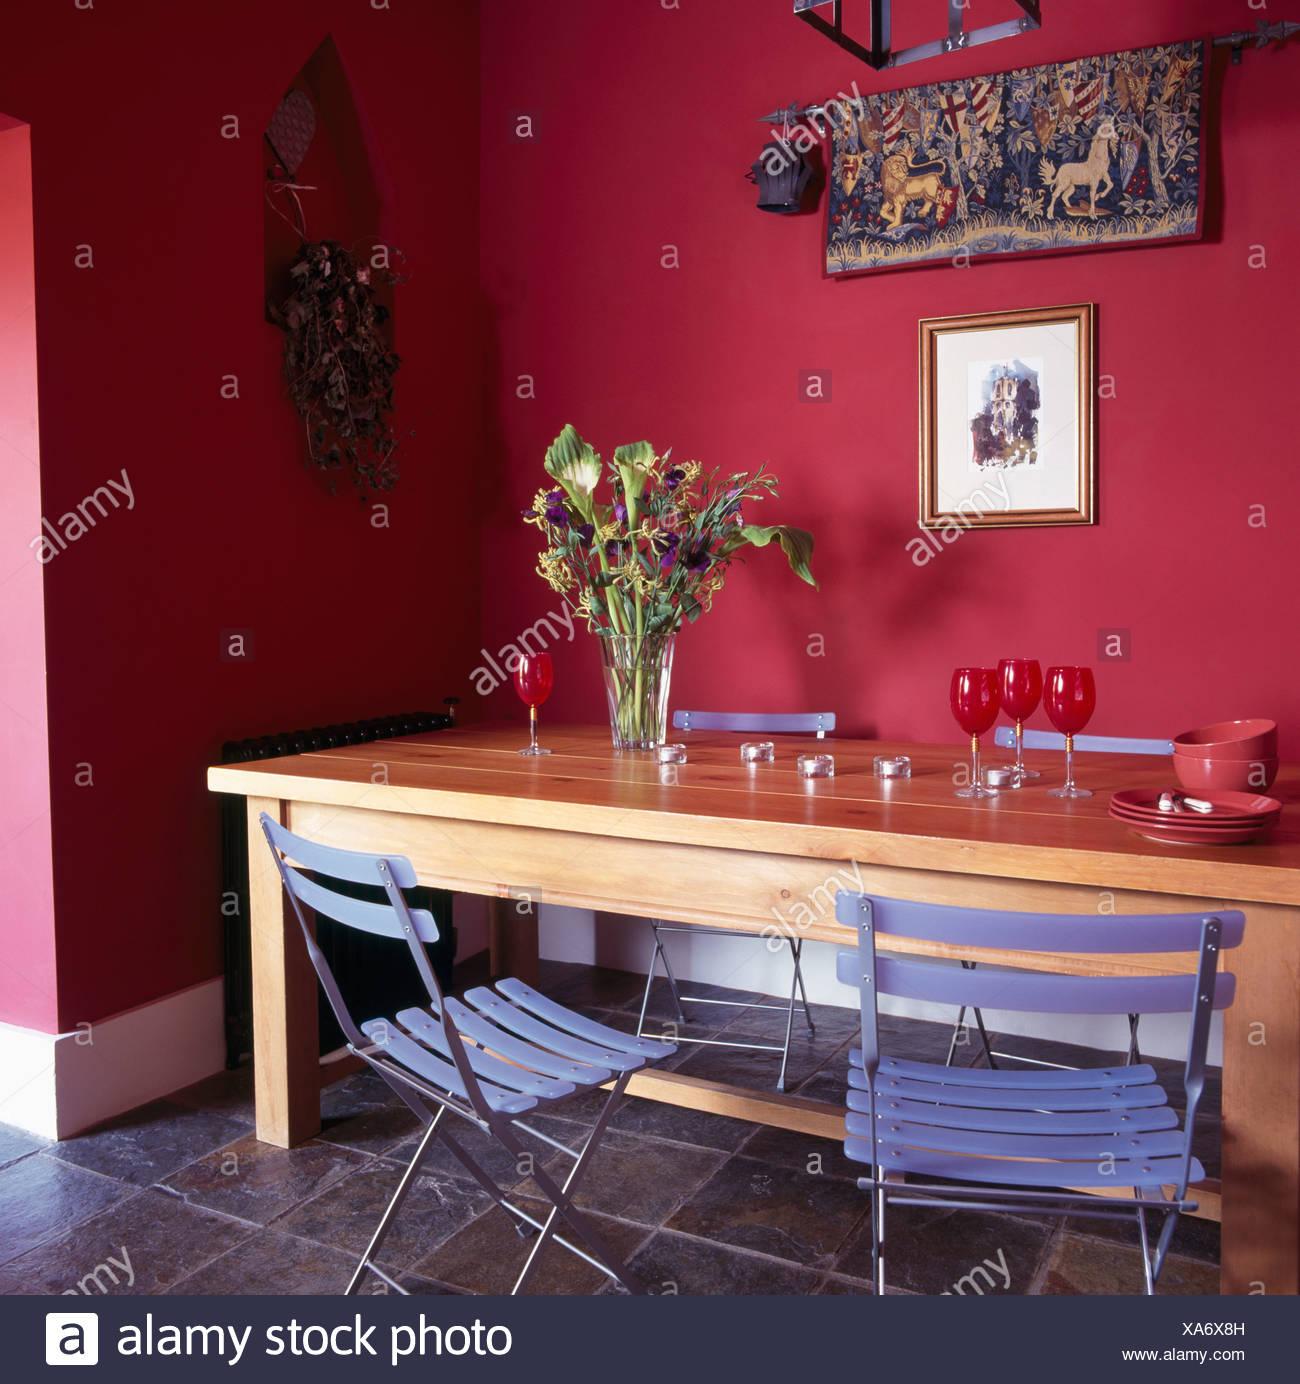 Ikea sillas de plástico plegables azul en la sencilla mesa ...